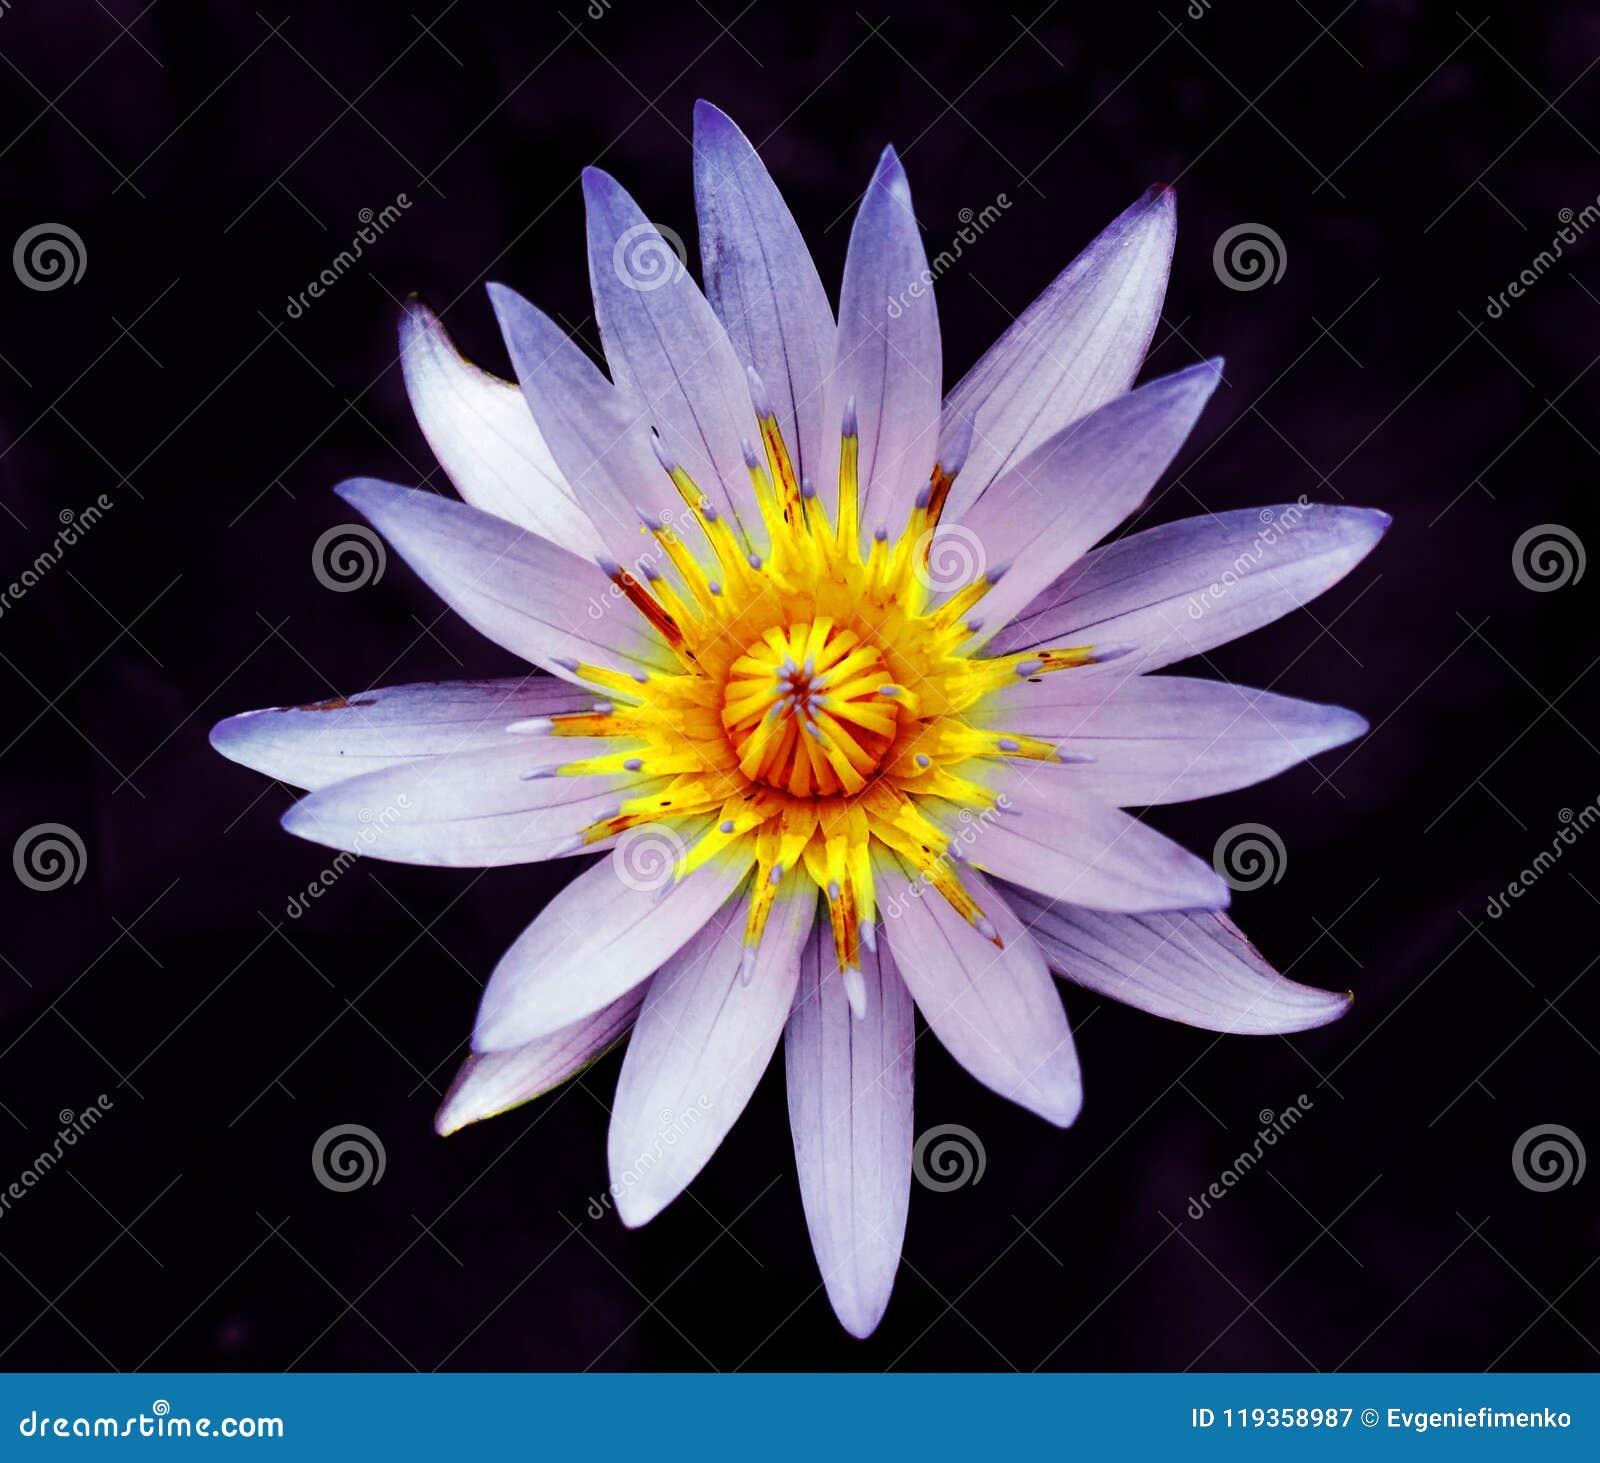 Mooie bloem van waterlelie